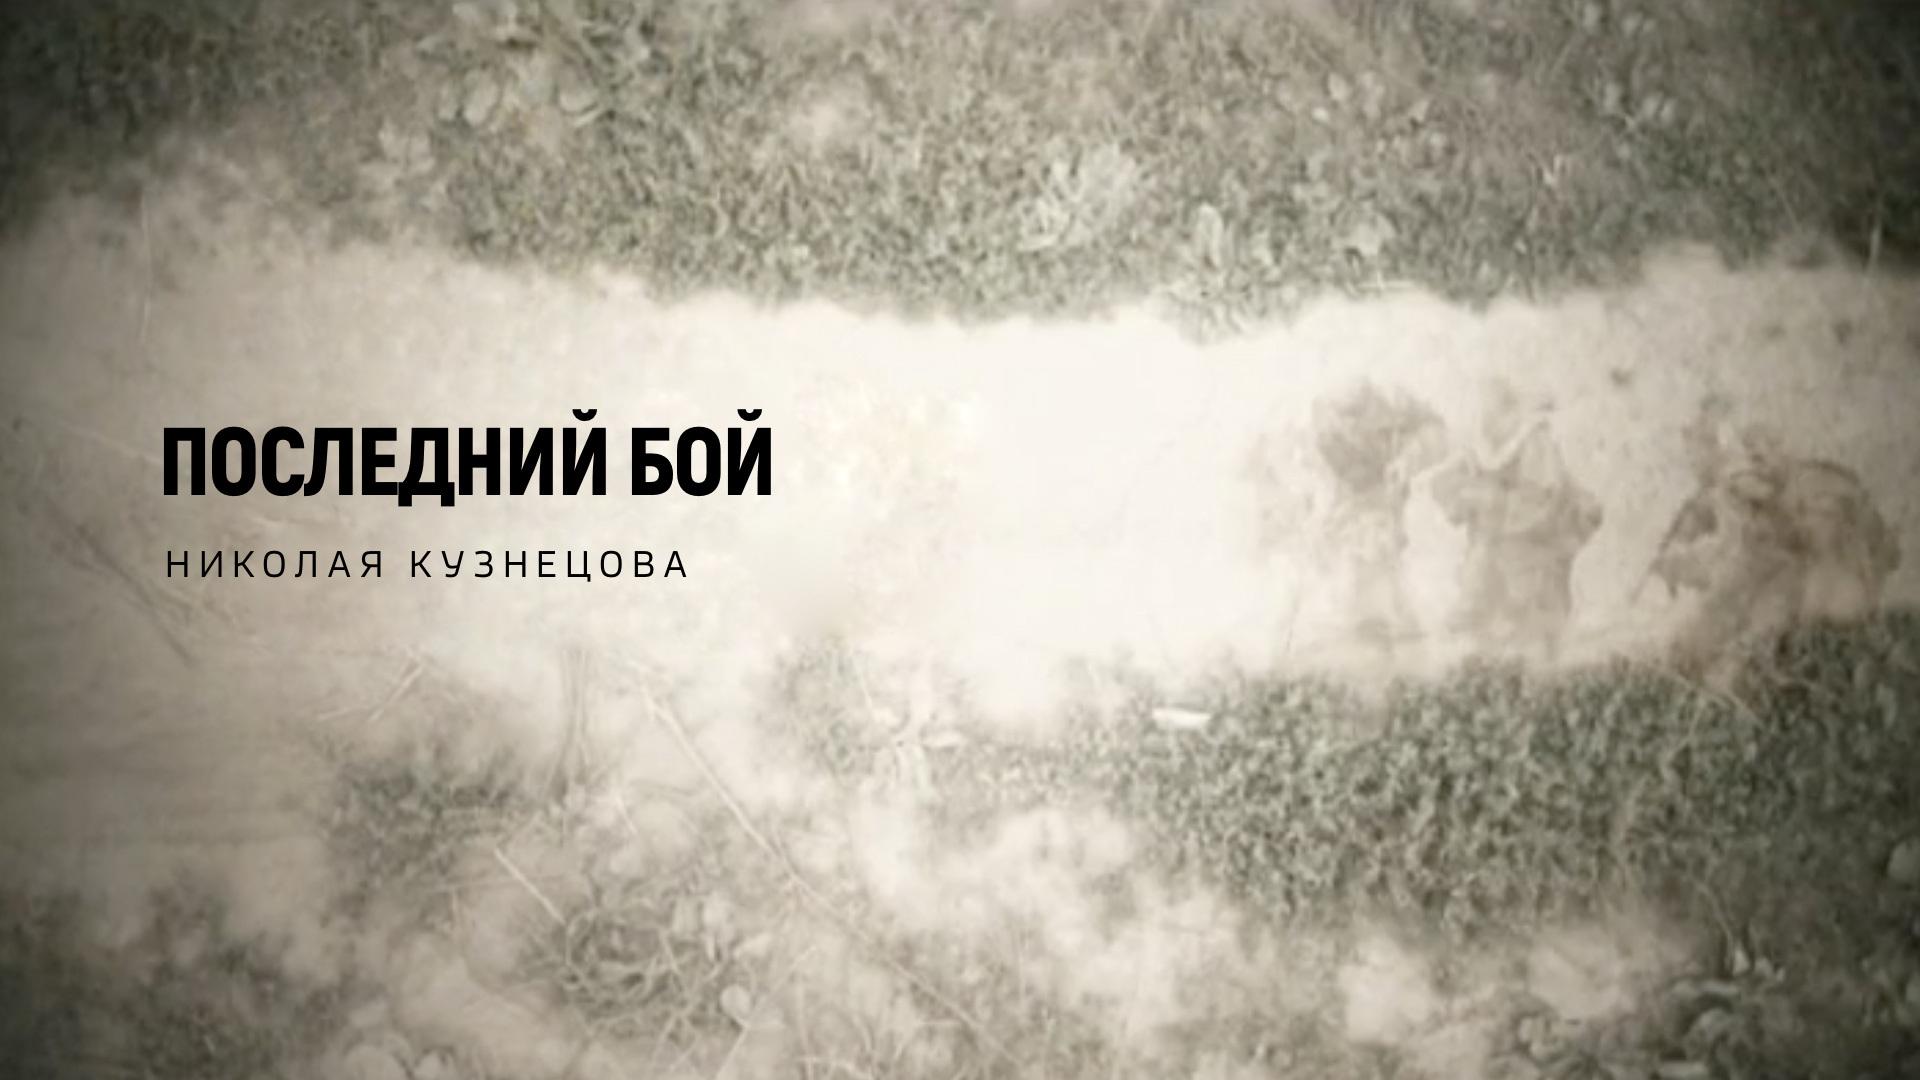 Последний бой Николая Кузнецова